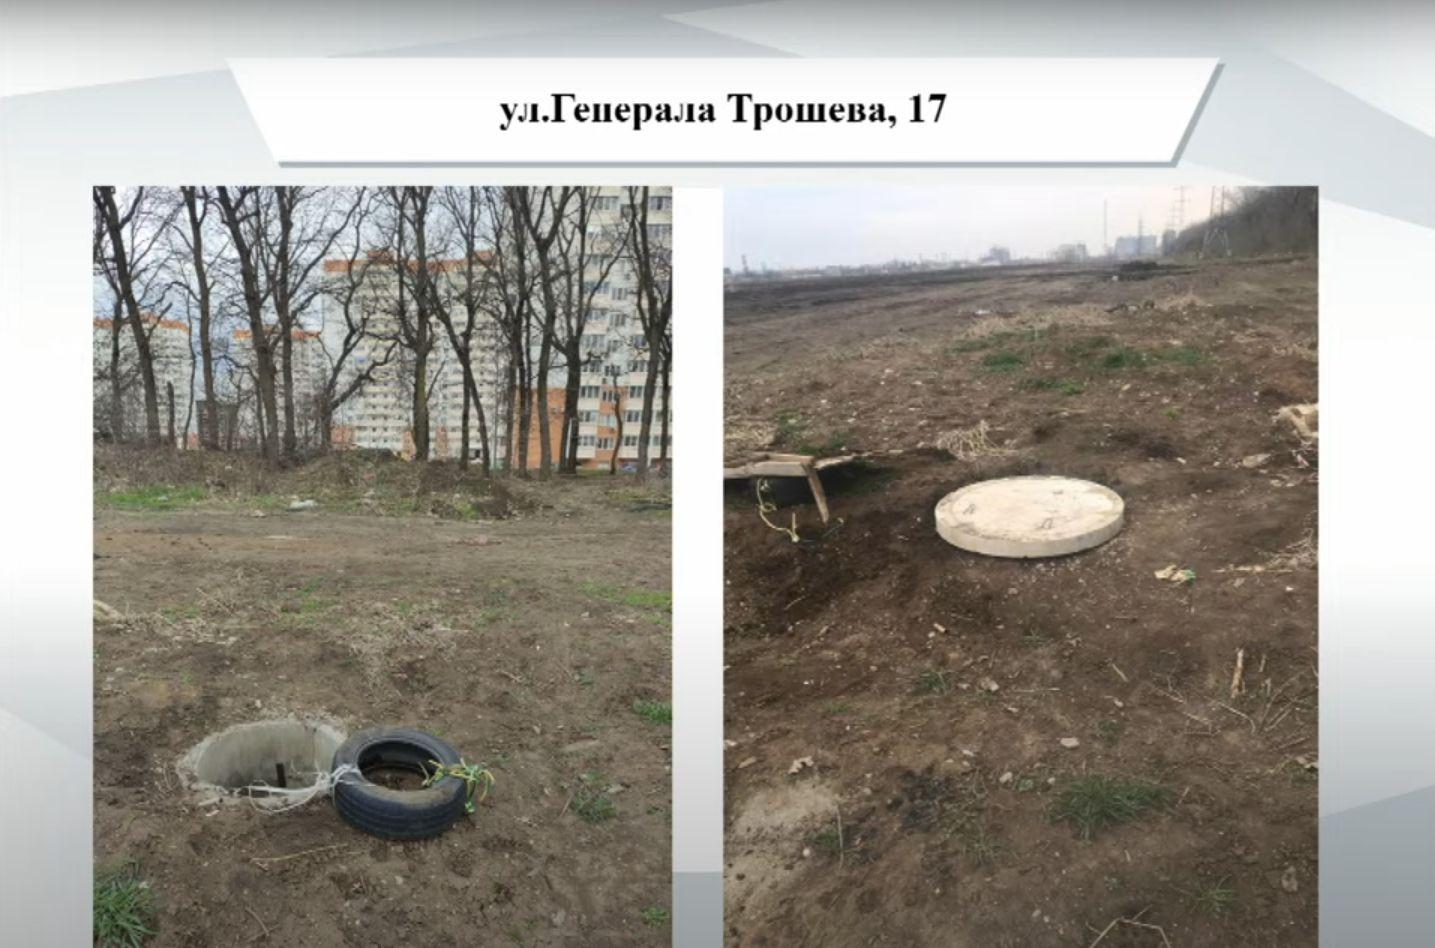 ©Презентация пресс-службы администрации Краснодара